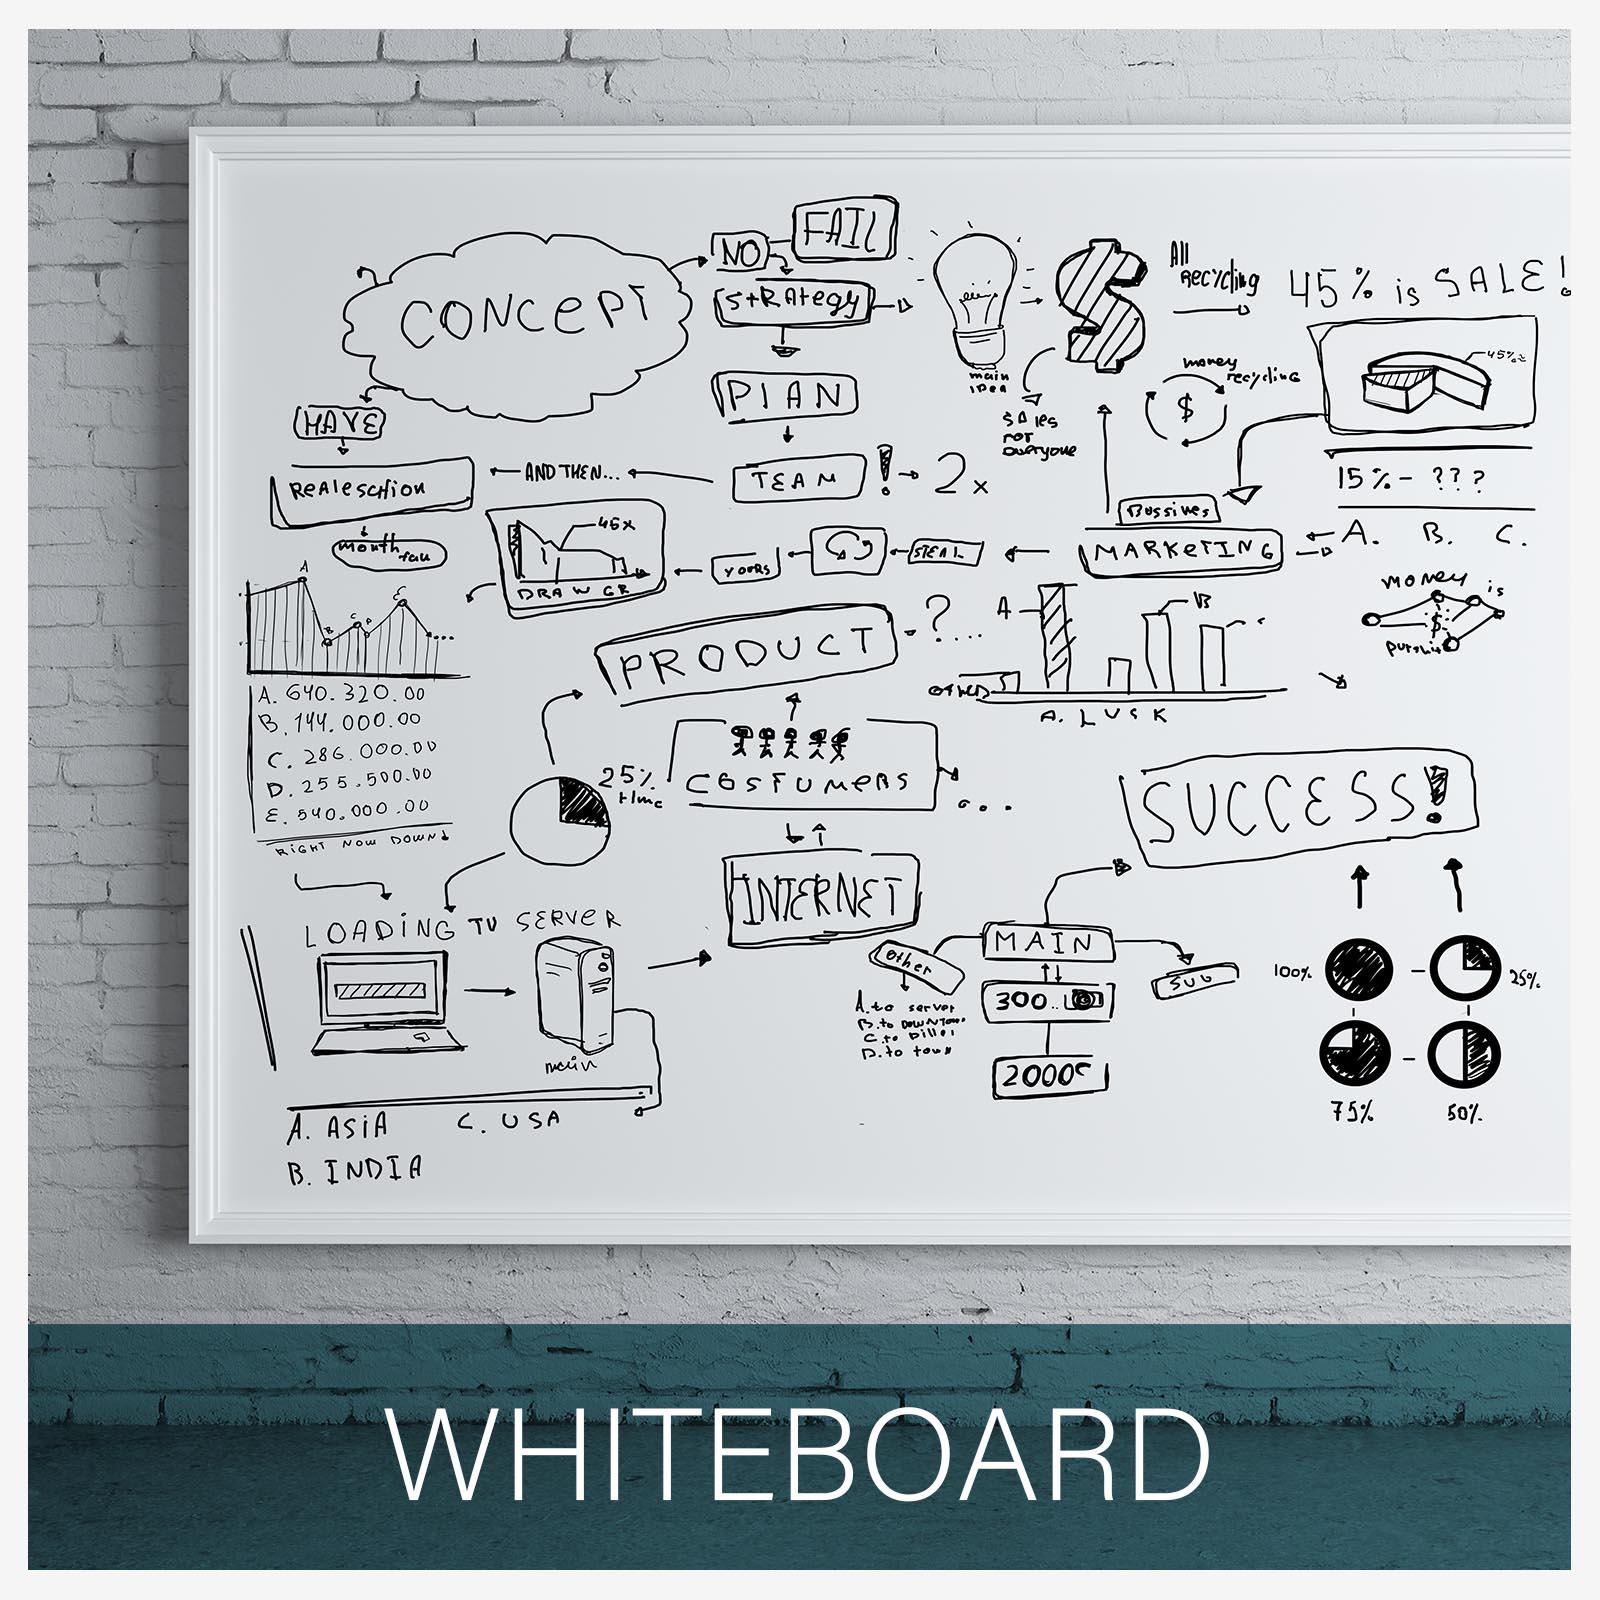 whiteboard-tekst